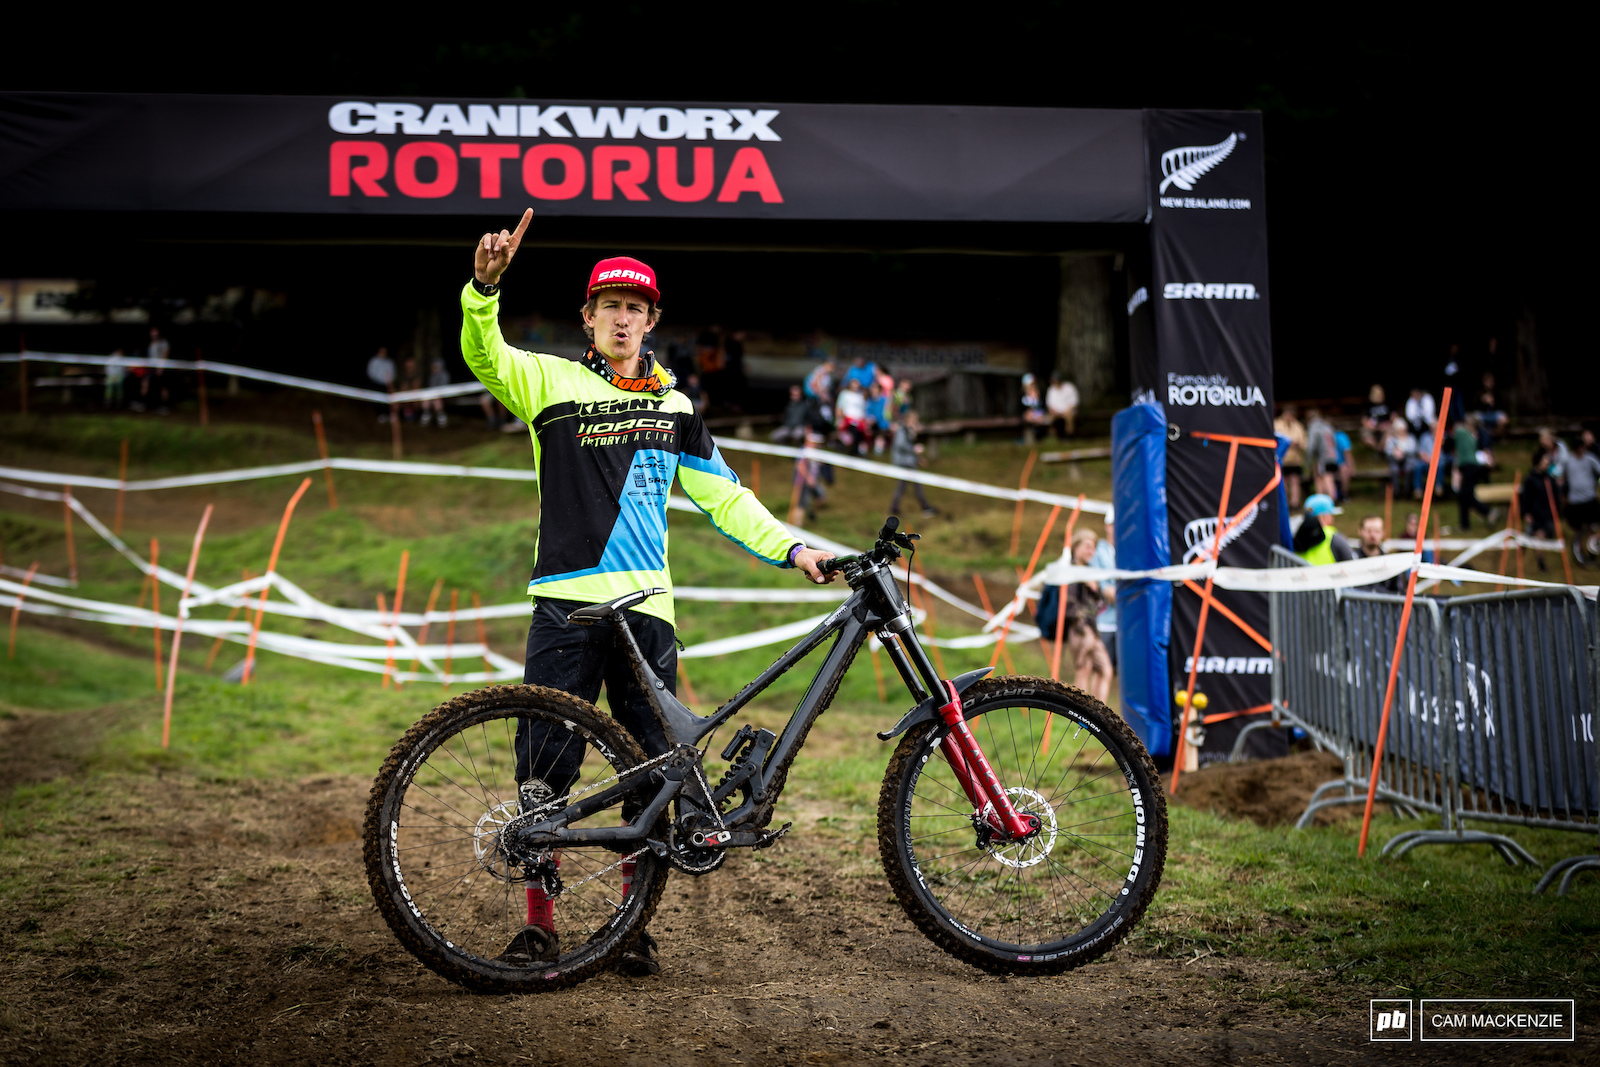 Crankworx Rotorua DH 2018